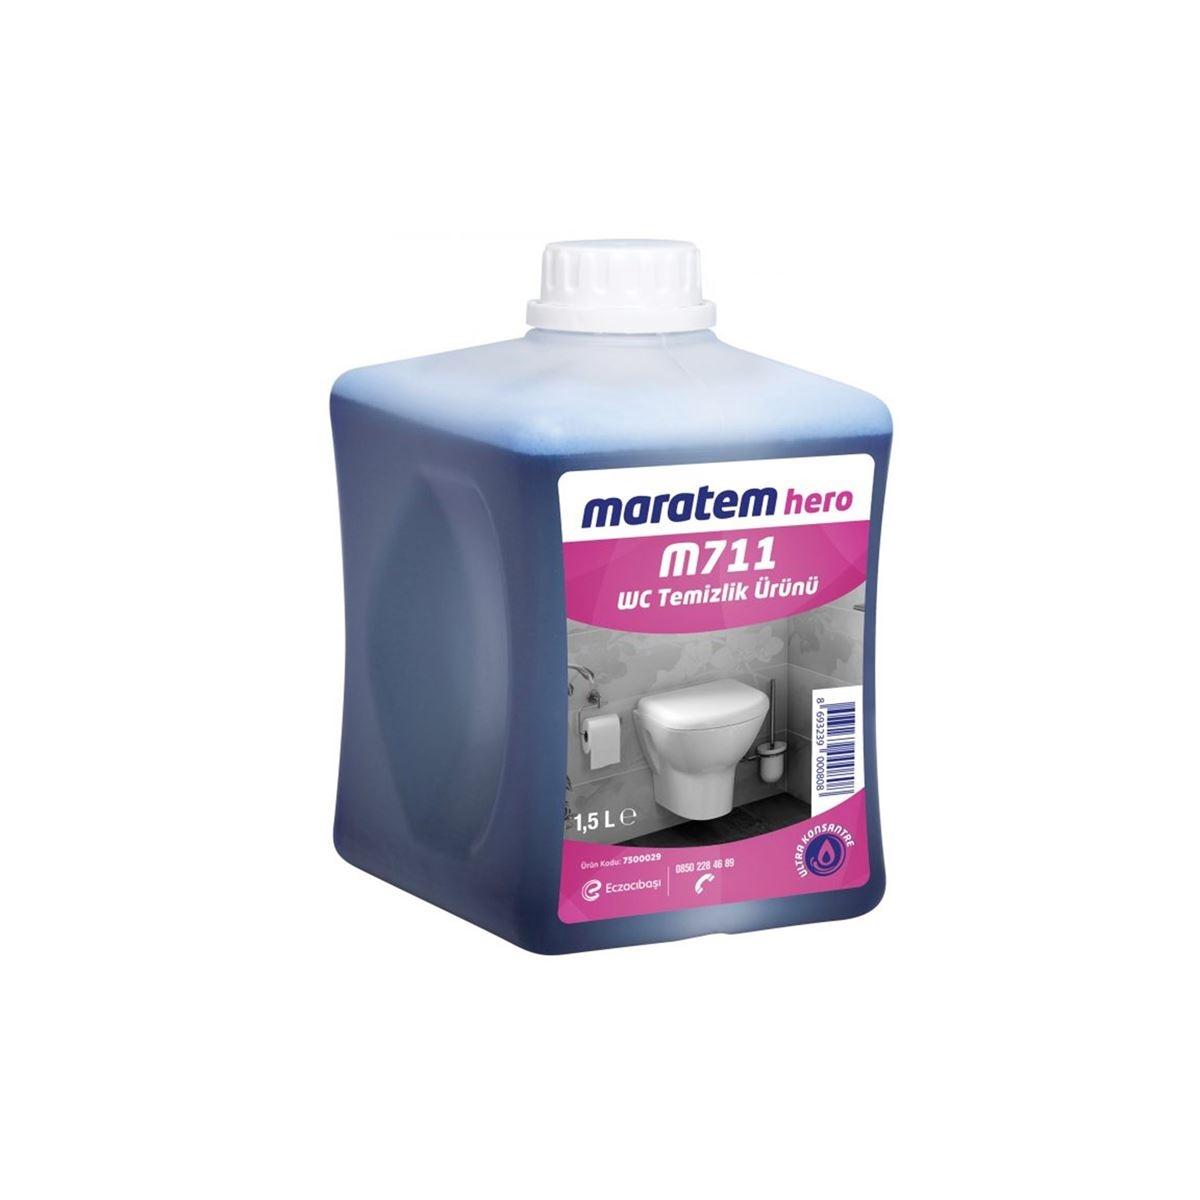 Maratem M711 Hero WC Temizlik Ürünü 2,13kg(4'lü koli) resmi